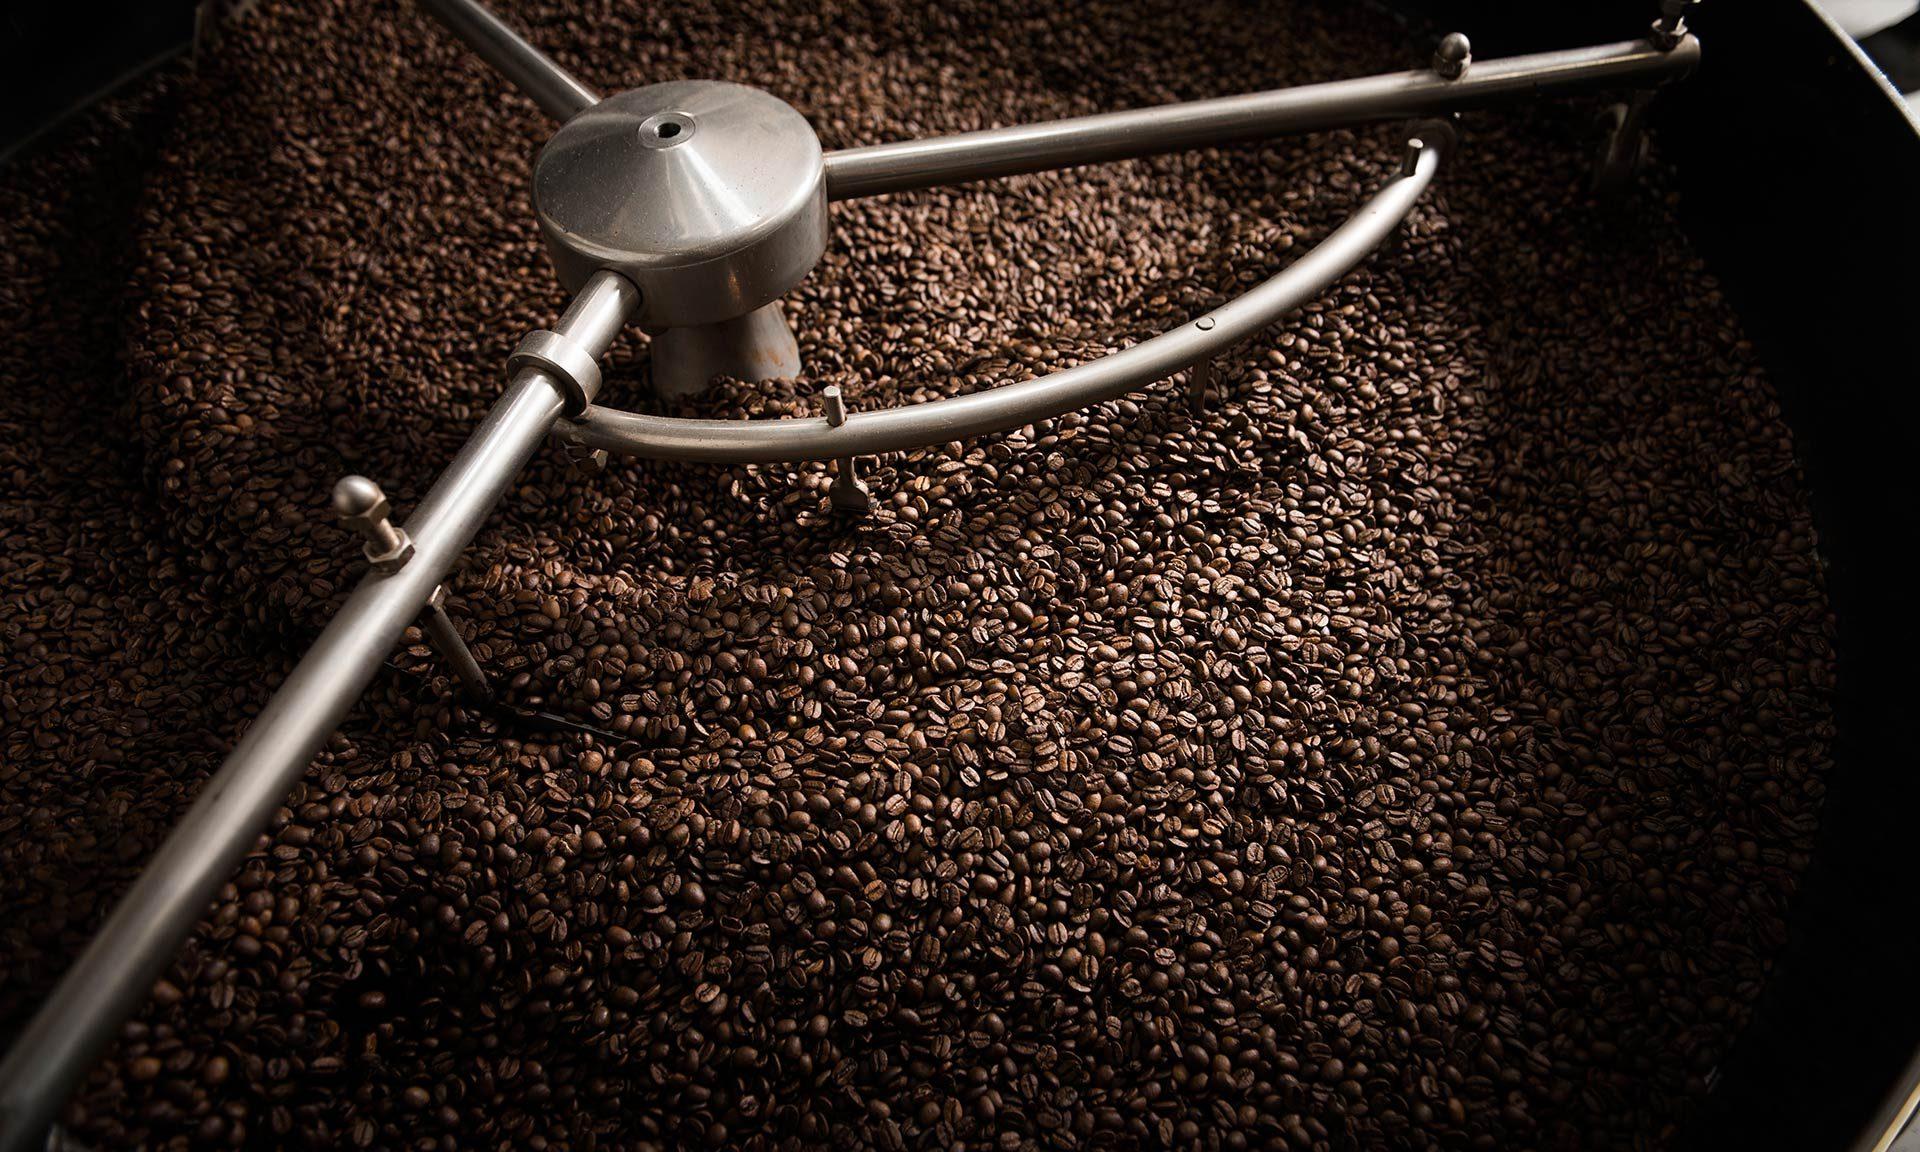 Kaffeebohnen nach der Trommelröstung